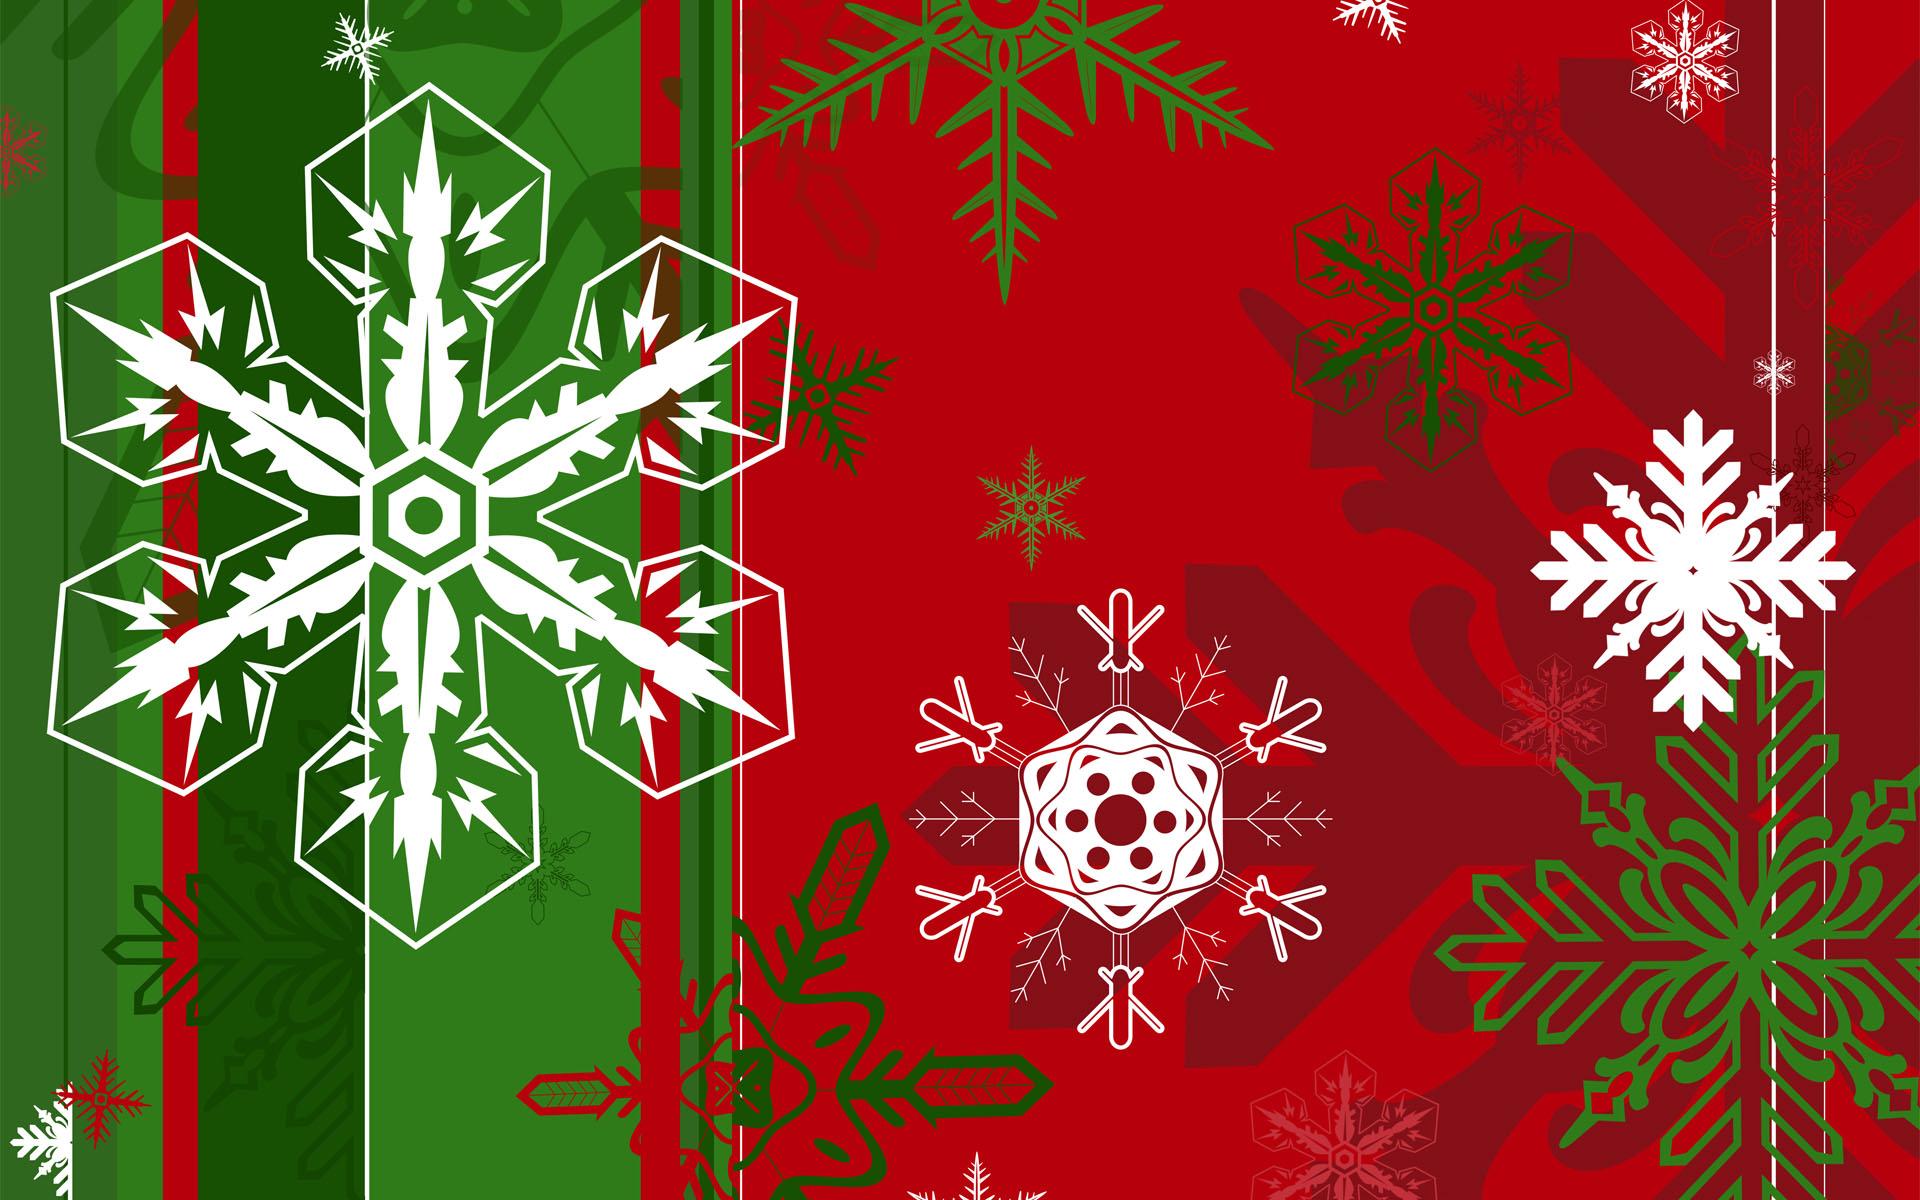 圣诞节桌面壁纸